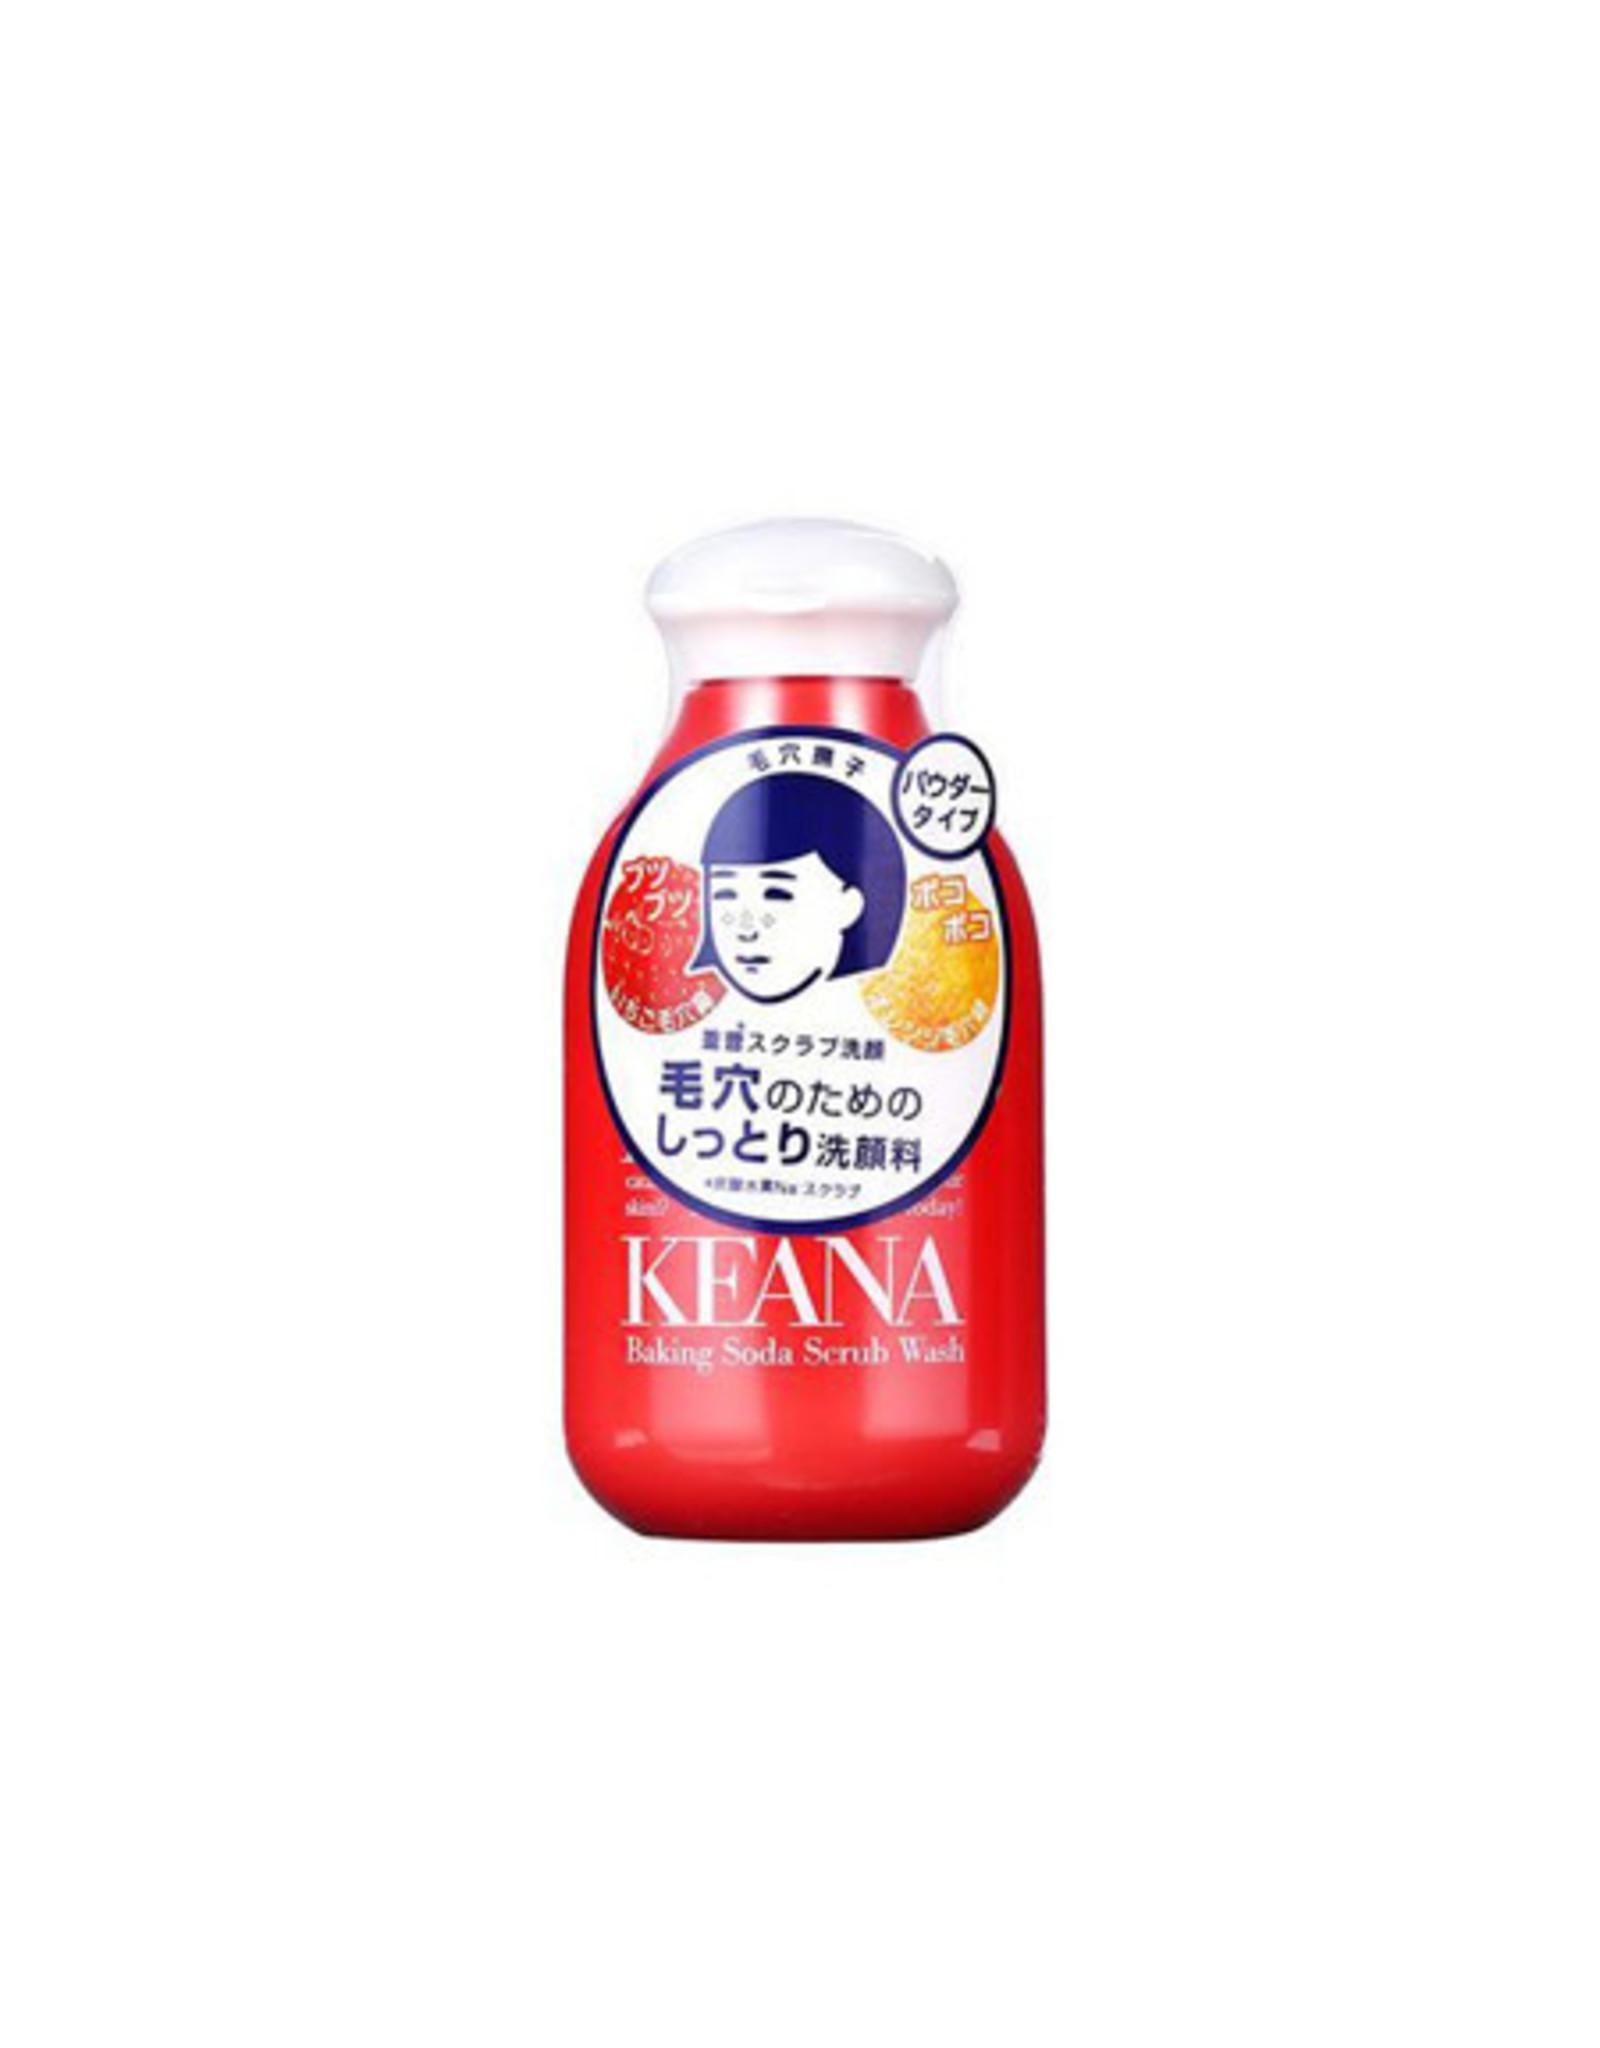 Ishizawa Lab Ishizawa Keana Nadeshiko Baking Soda Scrub Wash